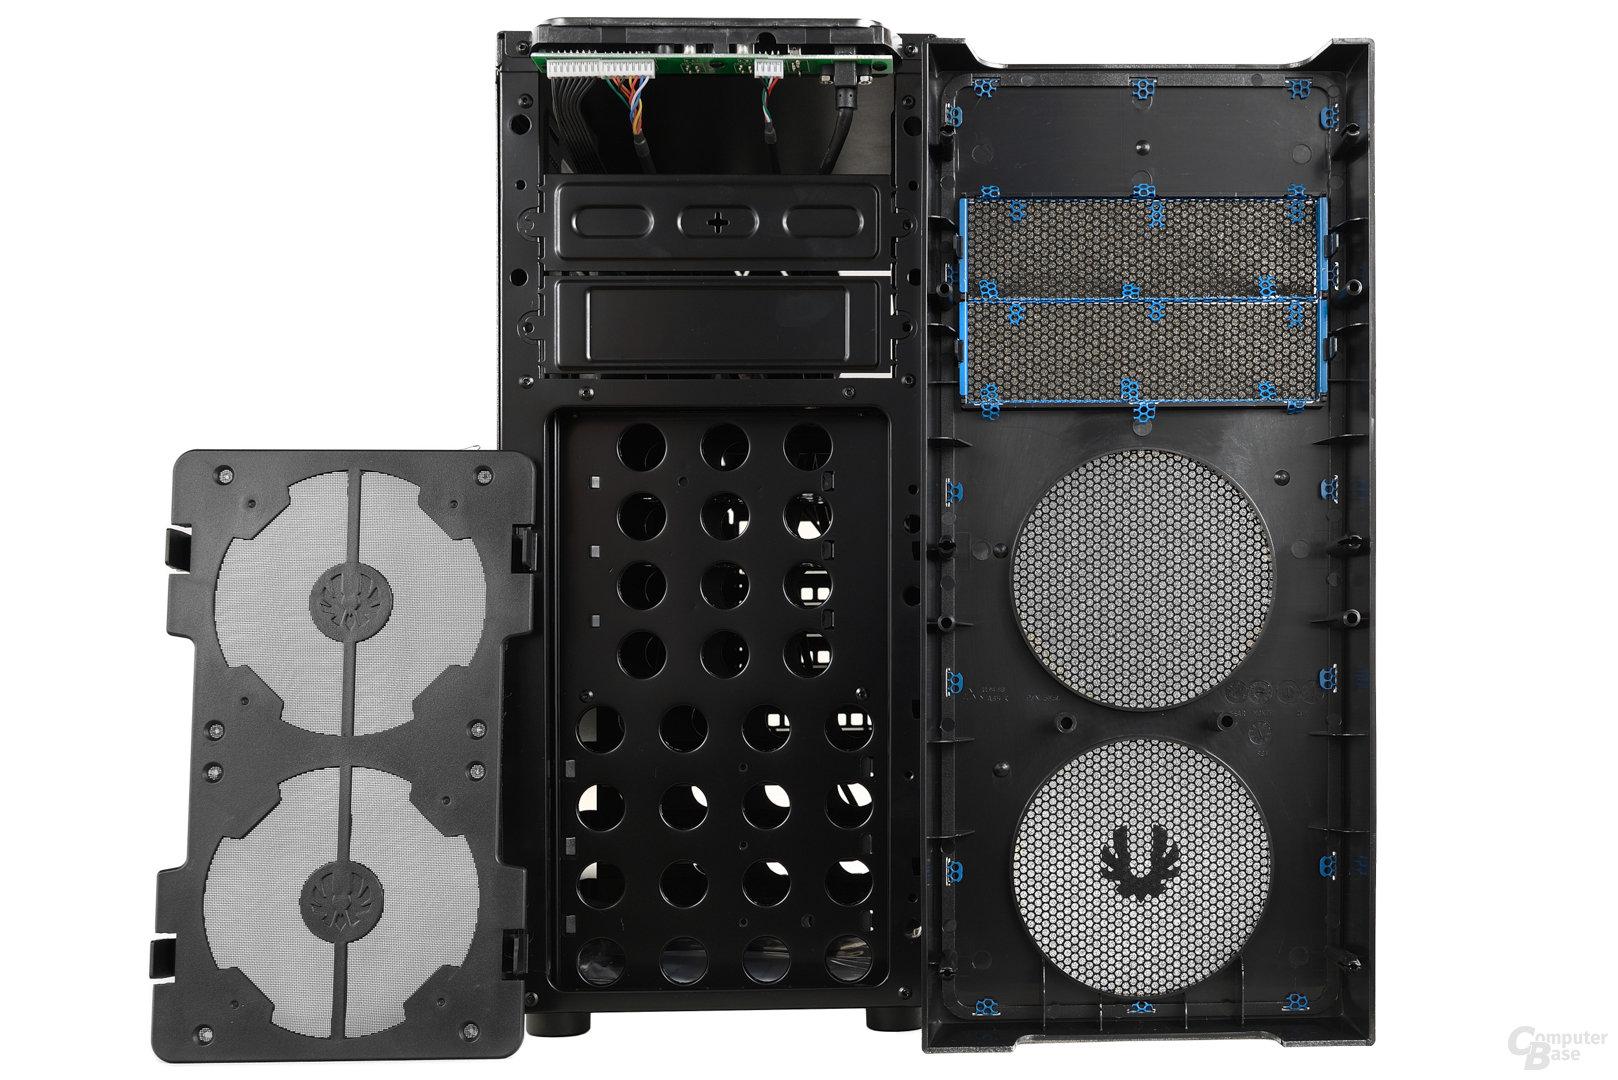 BitFenix Neos - Frontstaubfilter demontiert